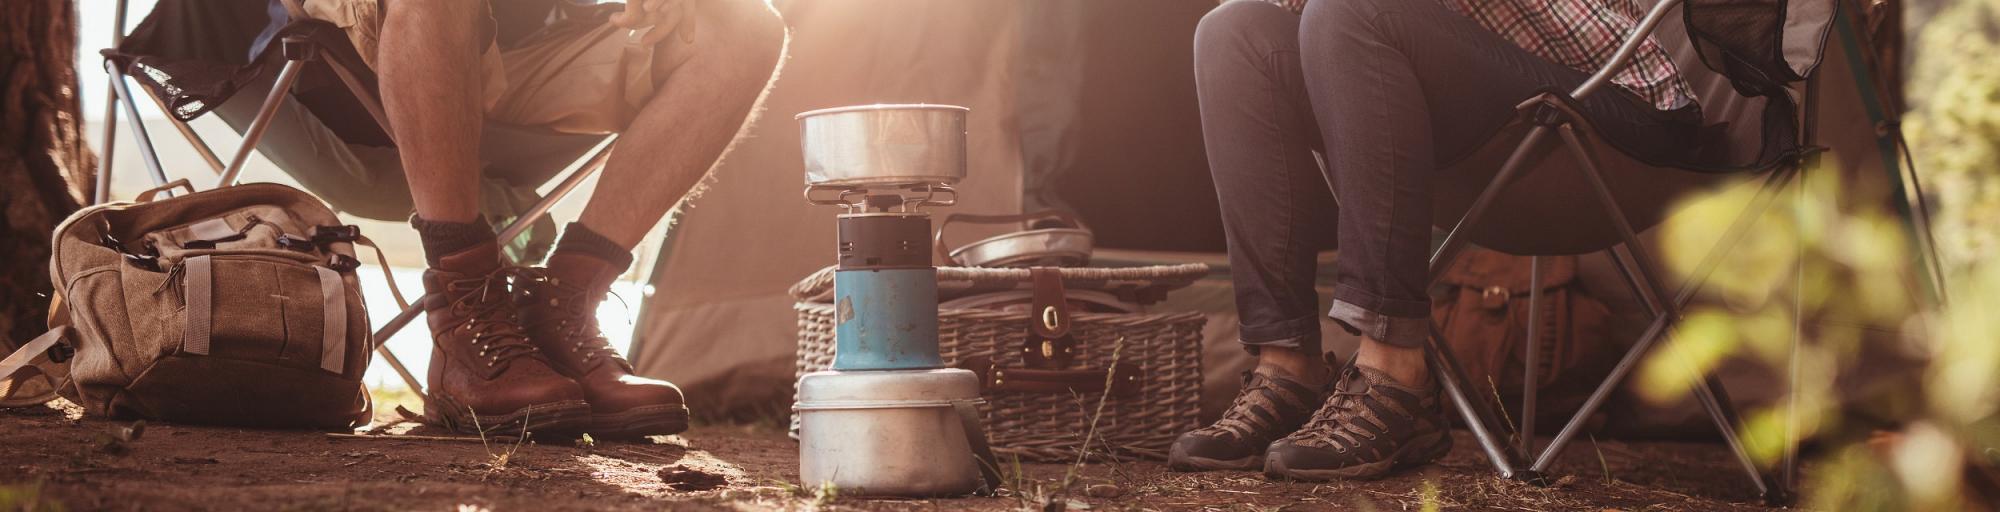 Camping-Zubehör leihen